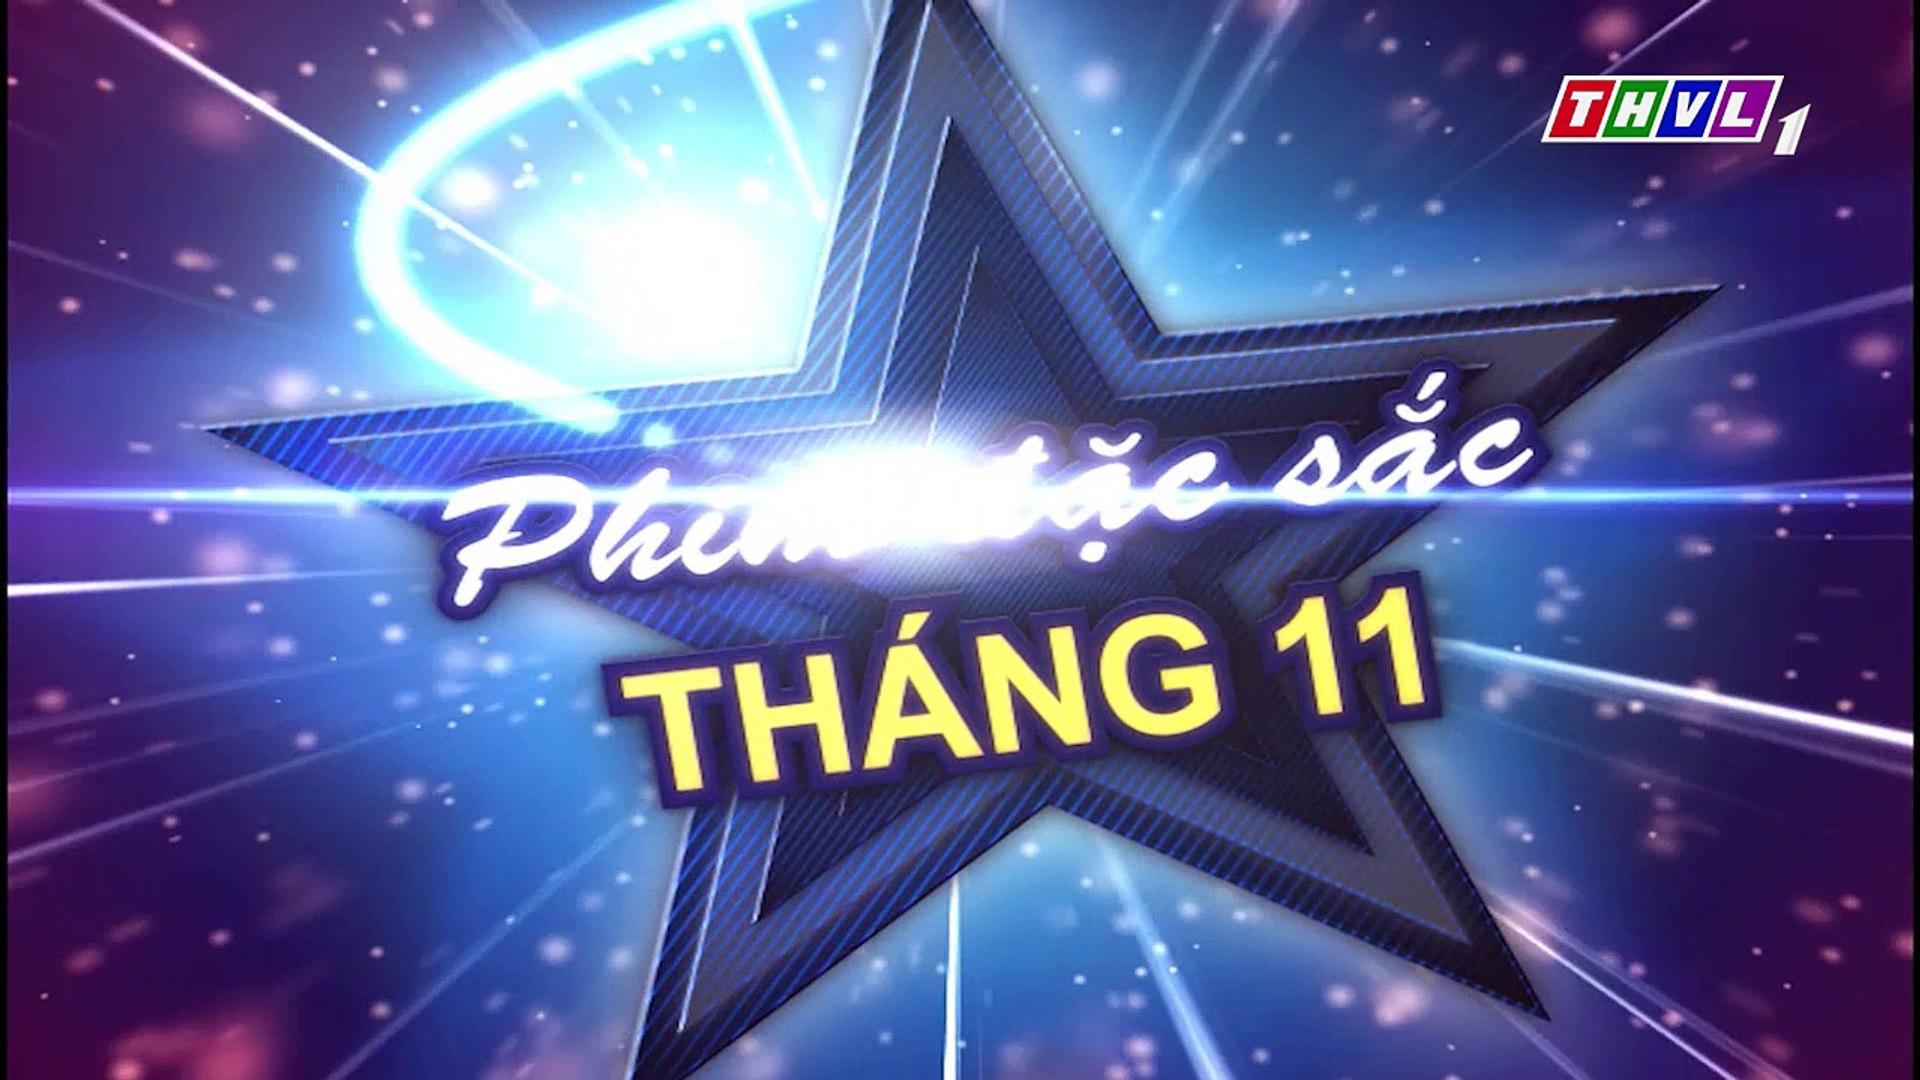 Phim đặc sắc tháng 11_2017 - .-- Đài Phát Thanh Truyền Hình Vĩnh Long --.